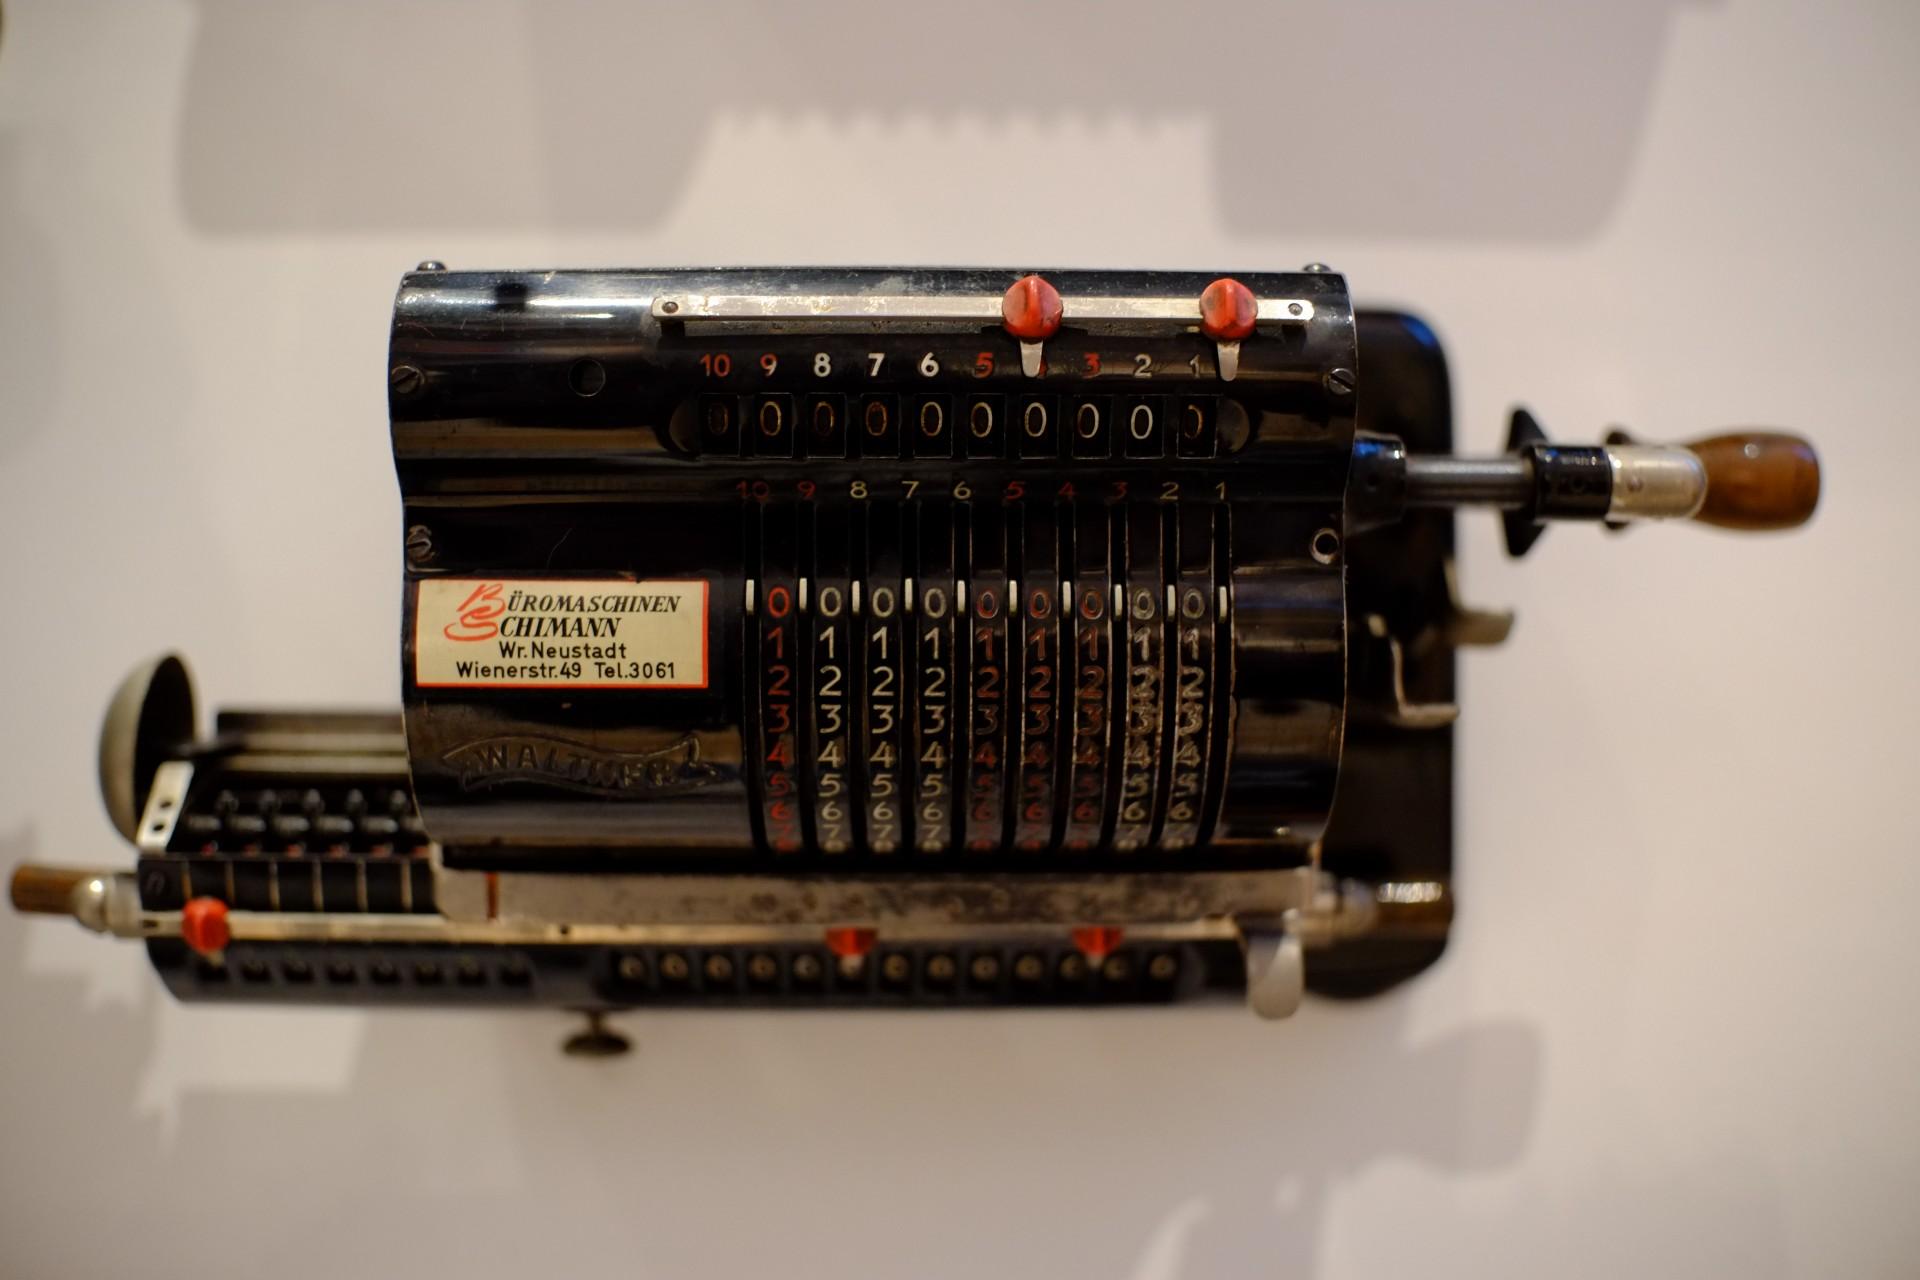 Arithmeum 1/60sec ISO-1600 25mm